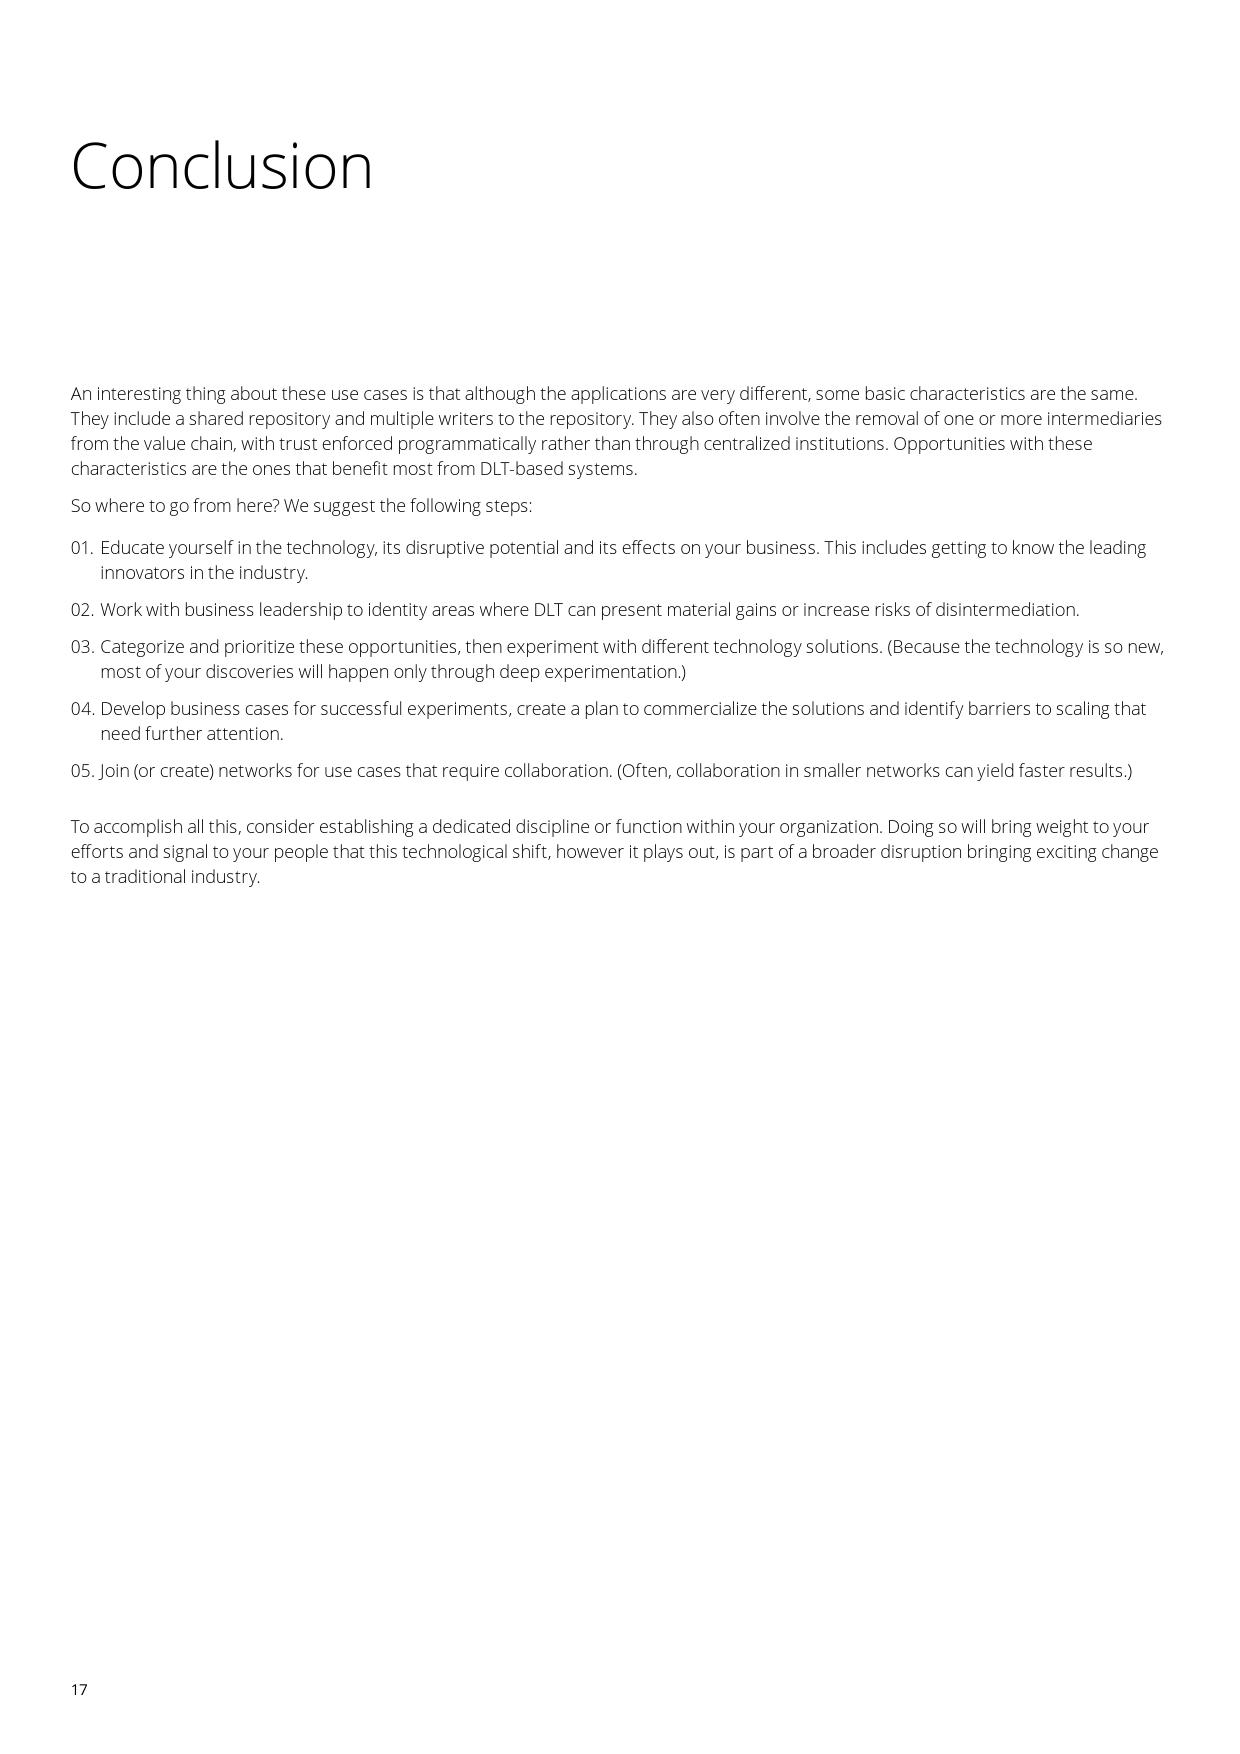 gx-fsi-blockchain-deloitte-summary_000017